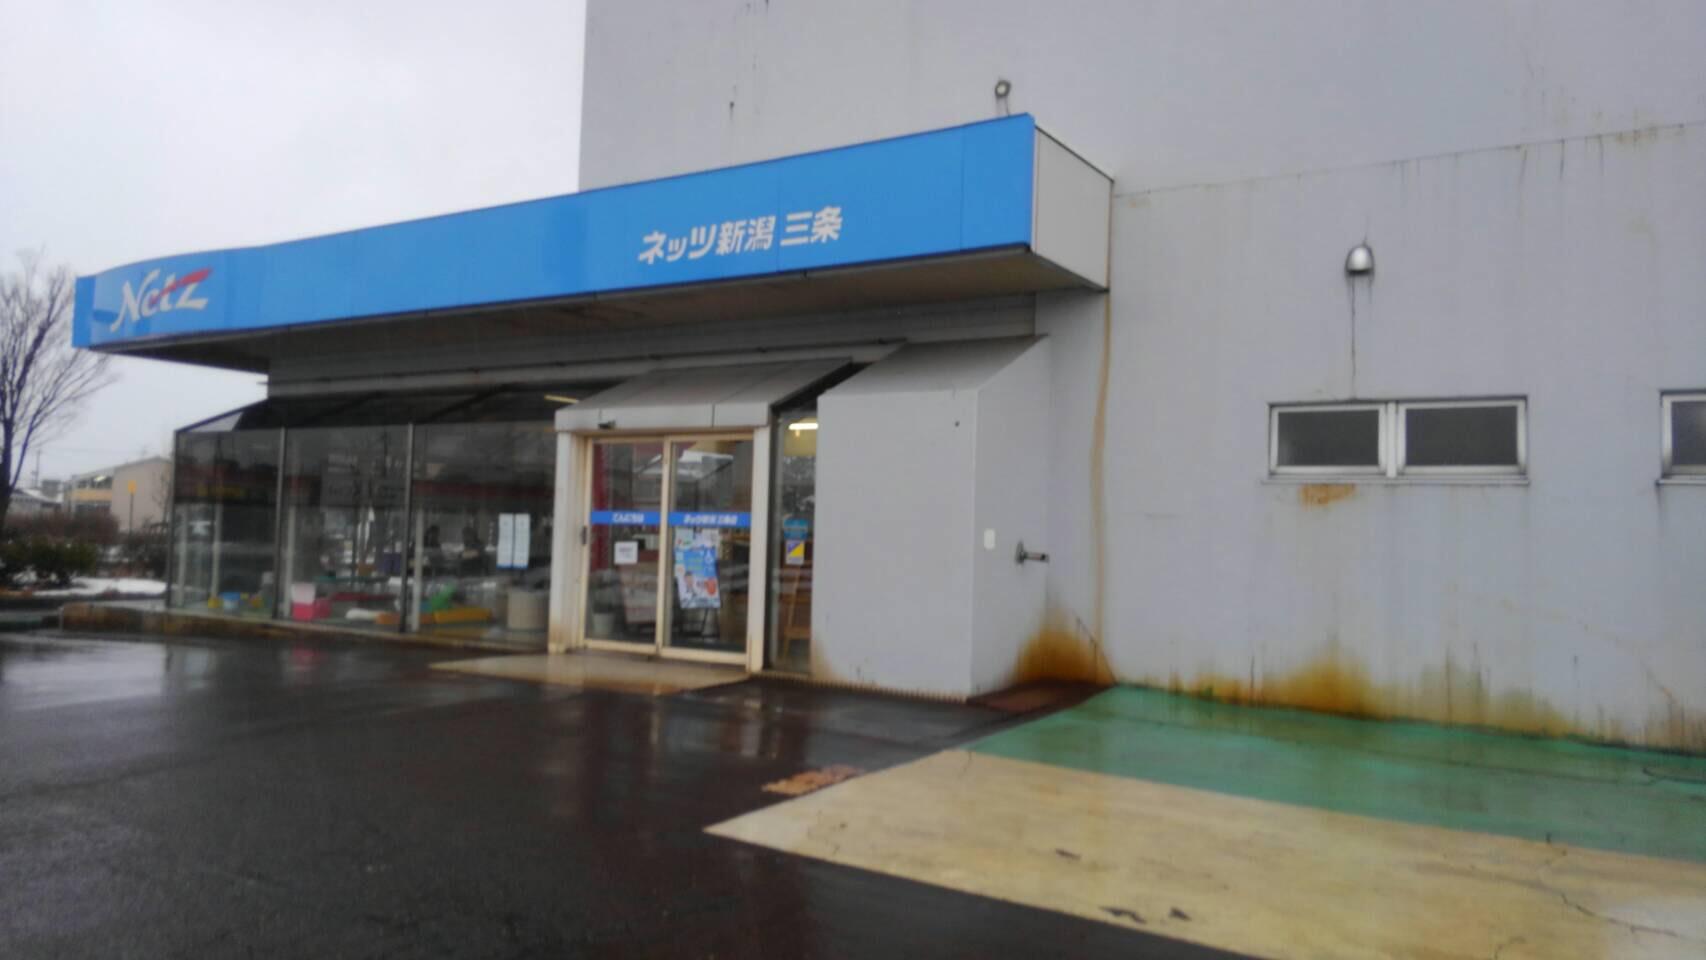 ネッツトヨタ新潟株式会社 三条店